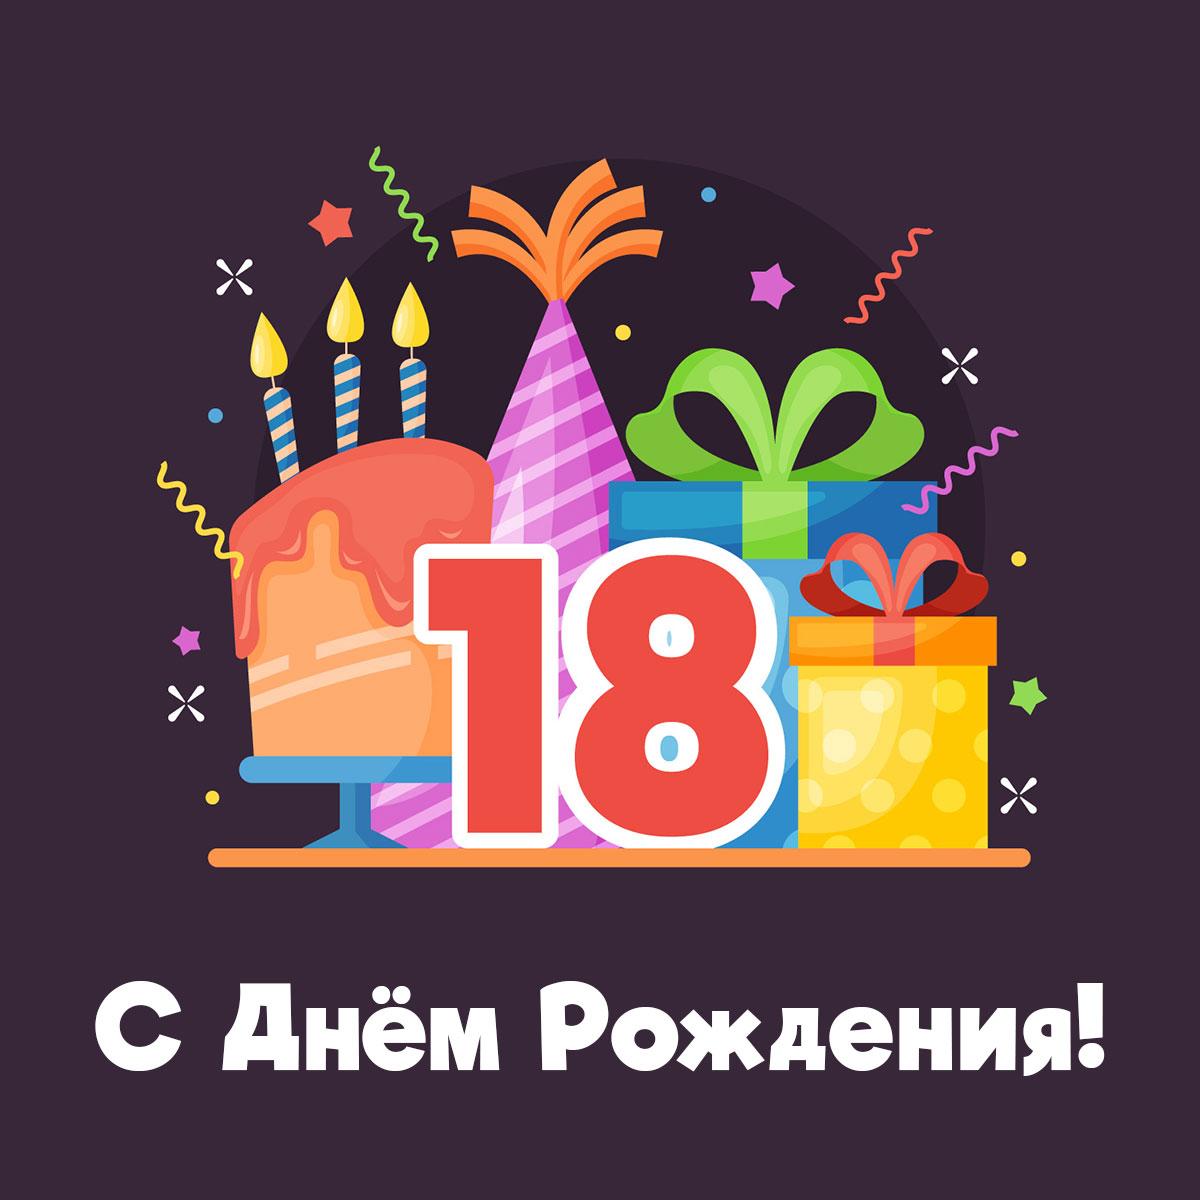 Чёрная картинка с цифрой 18, кексом и праздничными коробками.